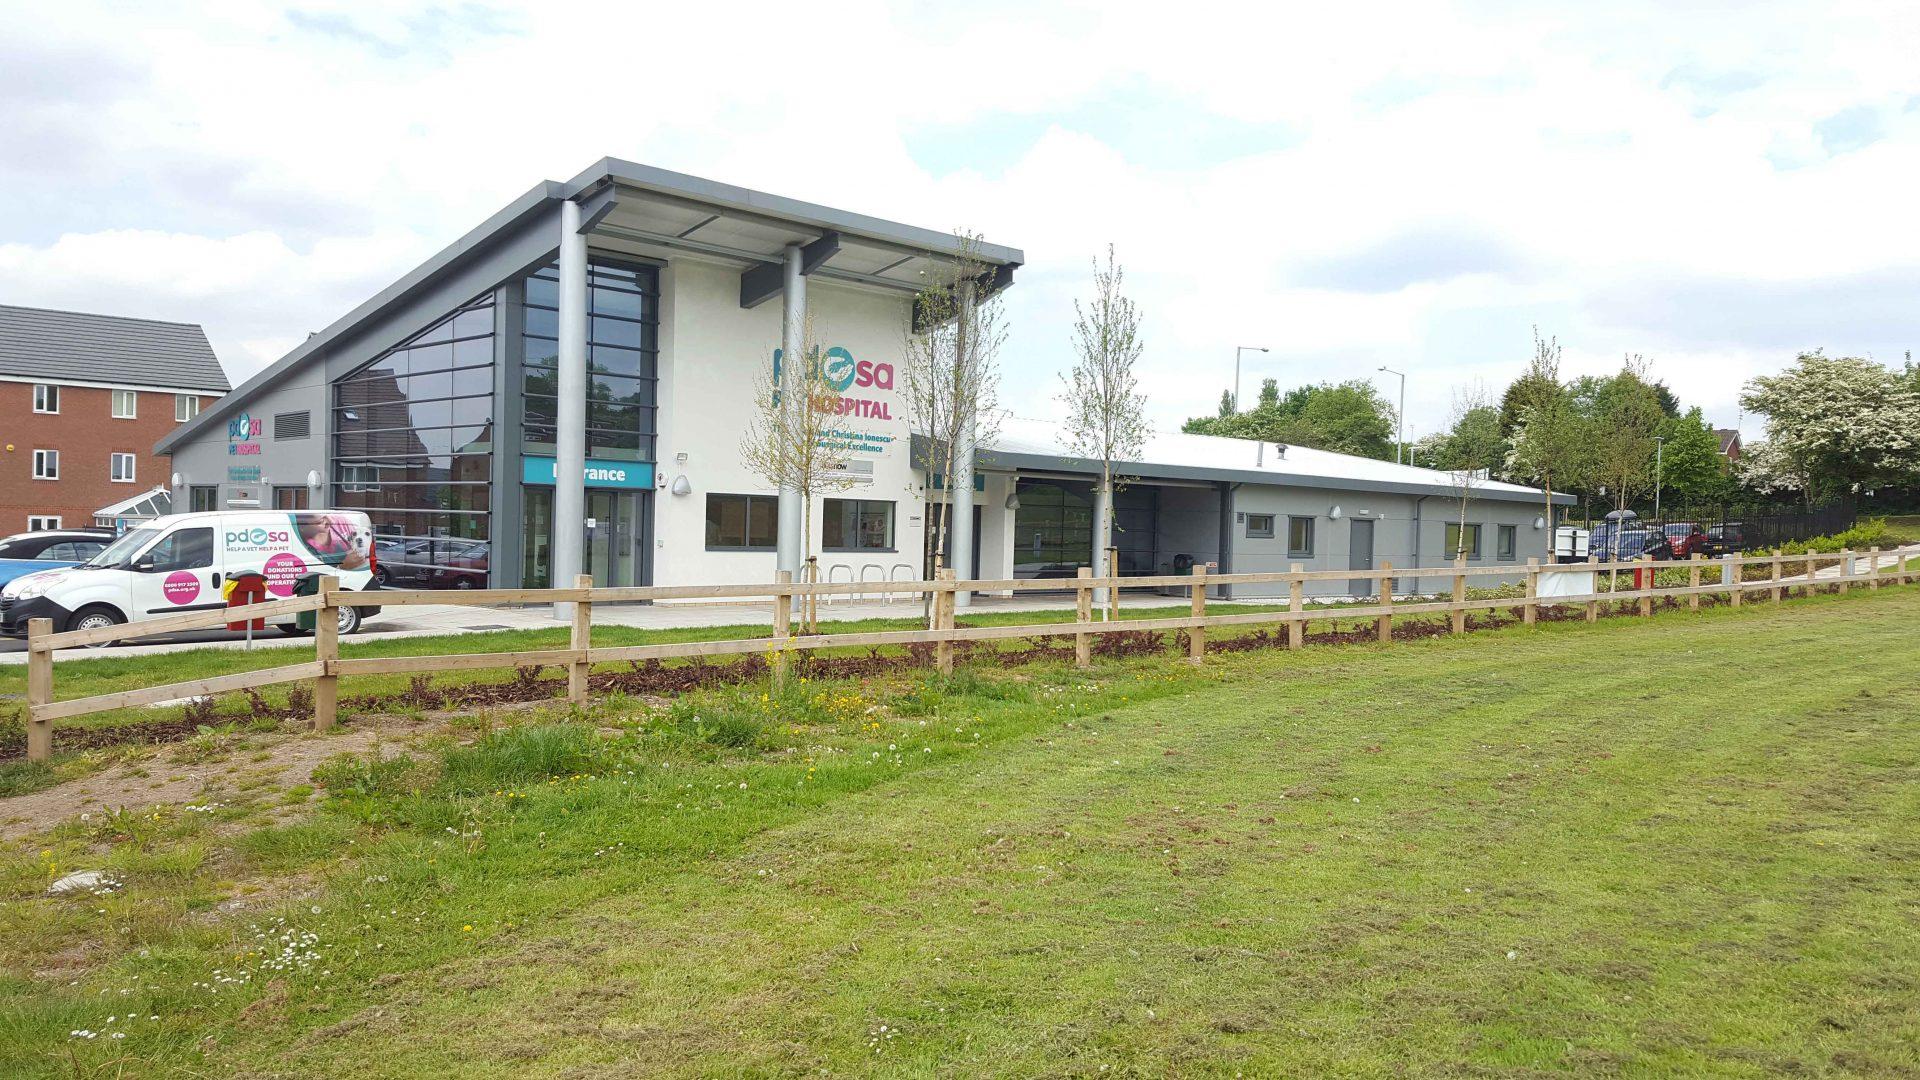 PDSA Petaid Hospital, Oldbury